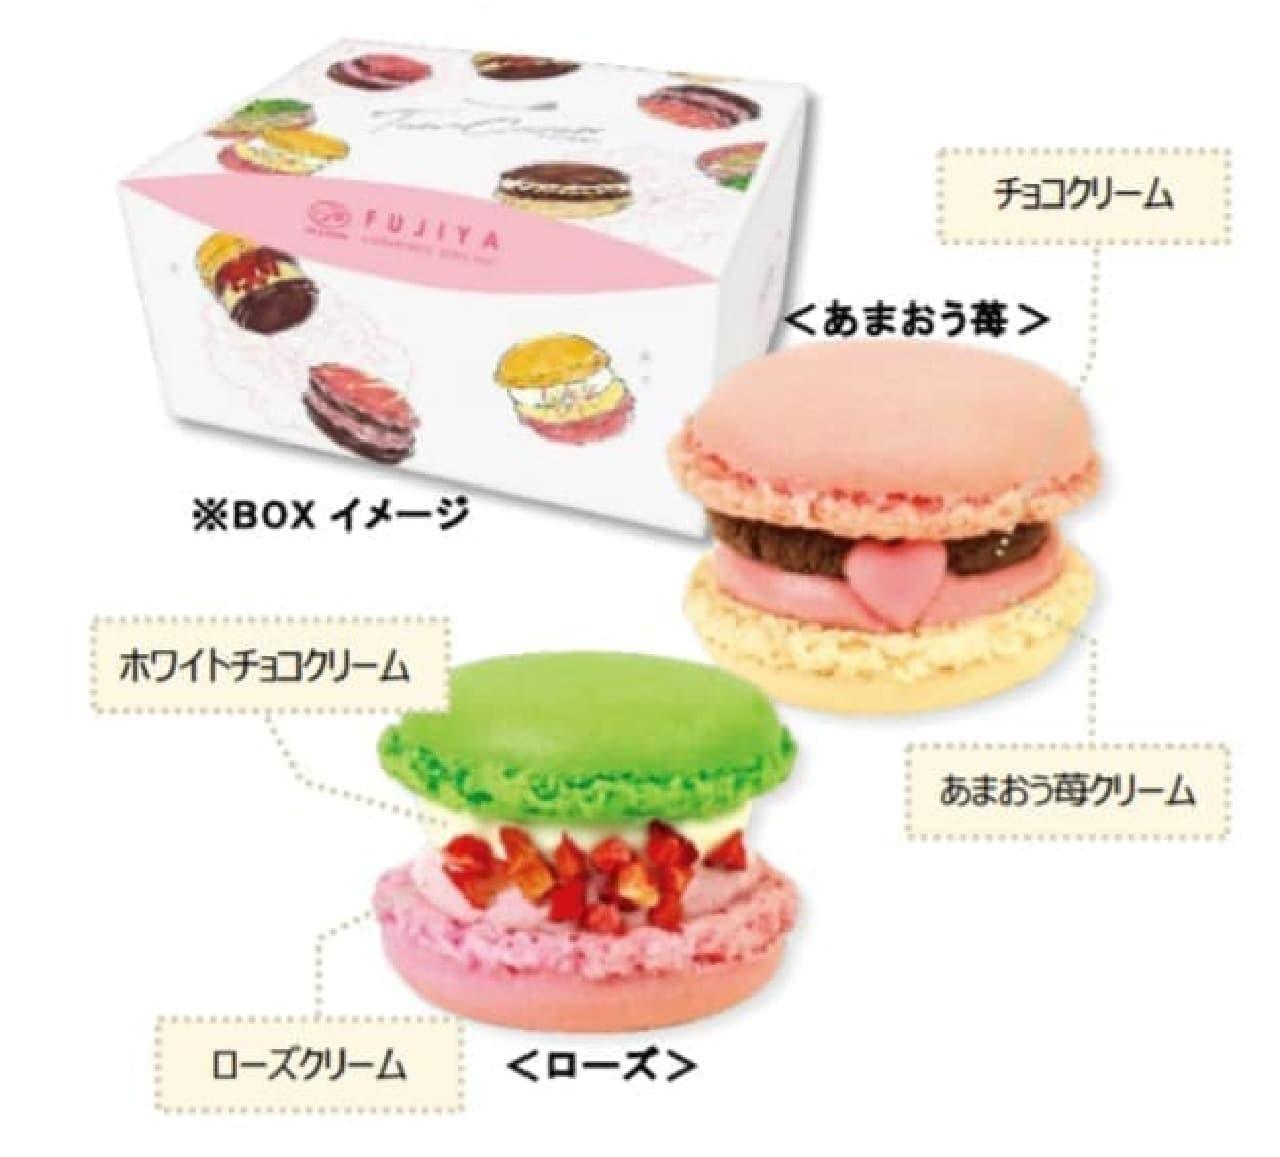 不二家洋菓子店「トゥンカロン2個入り(ローズ&あまおう苺)」など母の日向けスイーツ